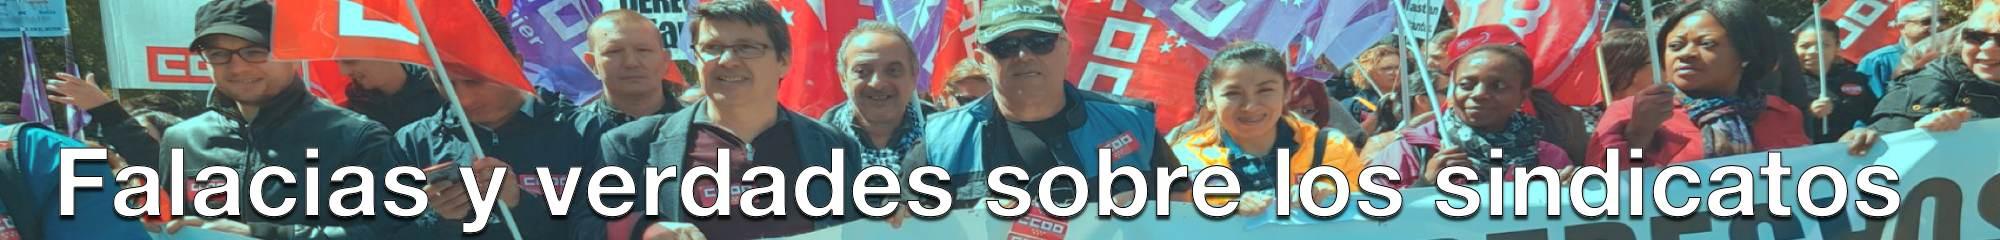 Falacias sobre los sindicatos